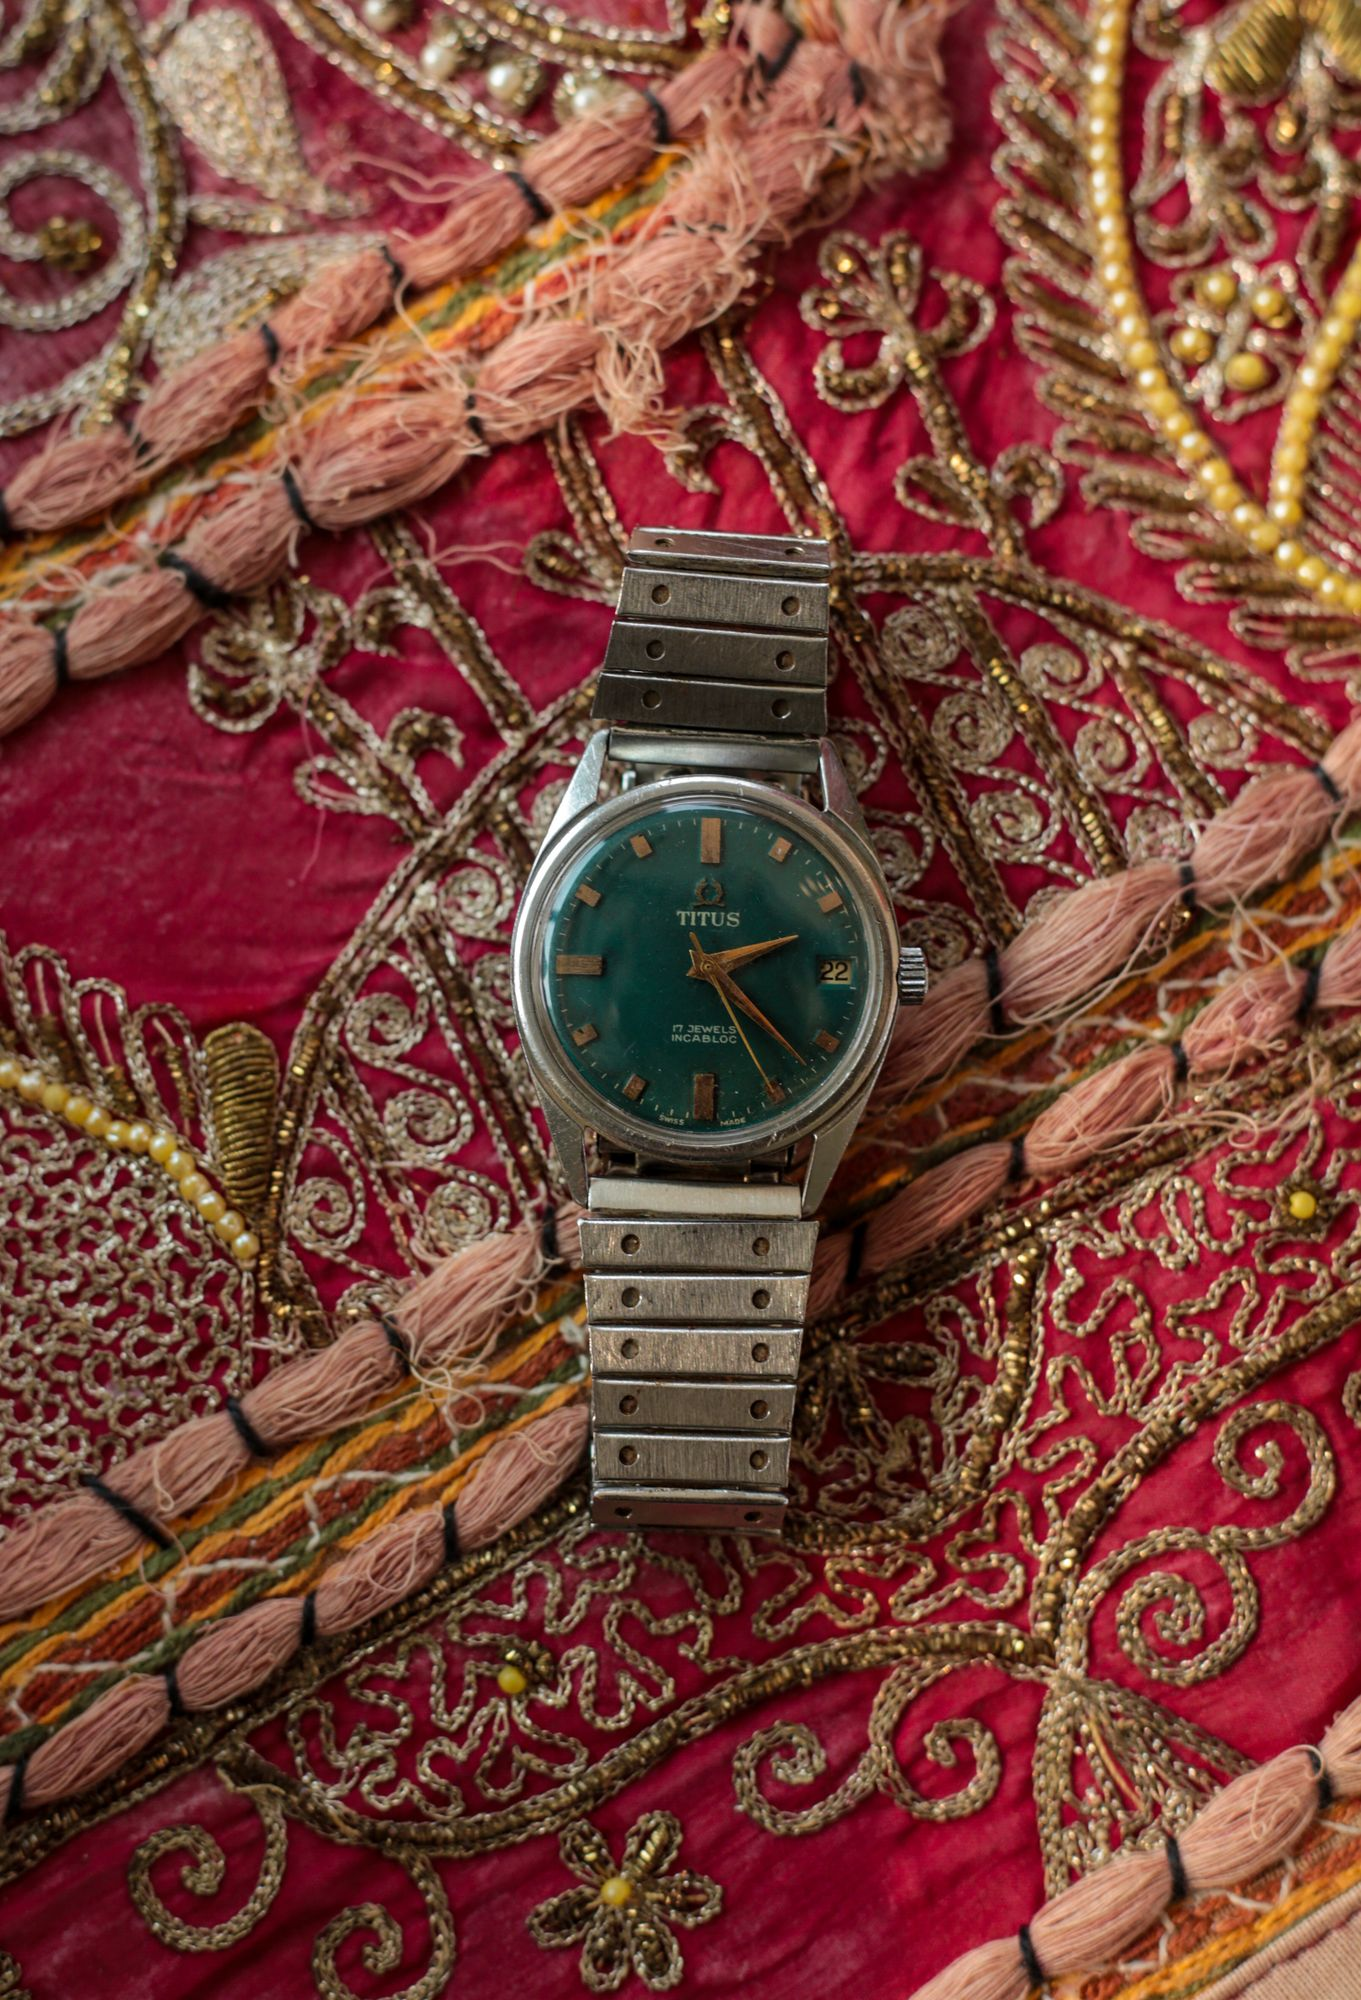 DILJEET TITUS 13 - Talking watches with Diljeet Titus